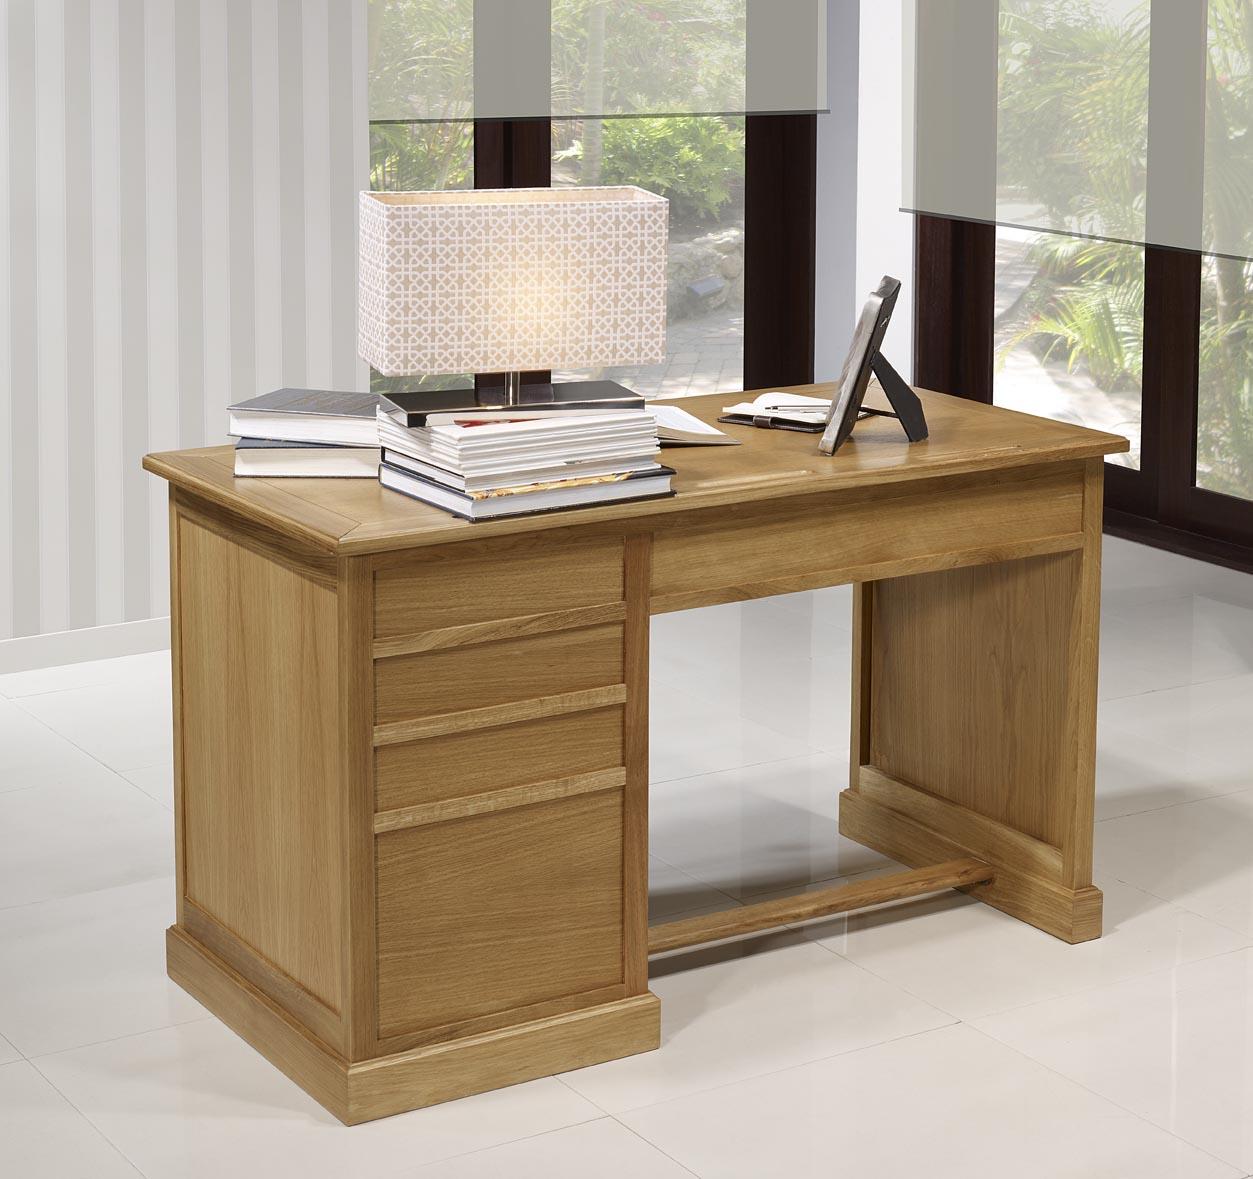 Mesa oficina escritorio con 5 cajones hecha de roble macizo estilo louis philippe meuble en - Mesa escritorio con cajones ...